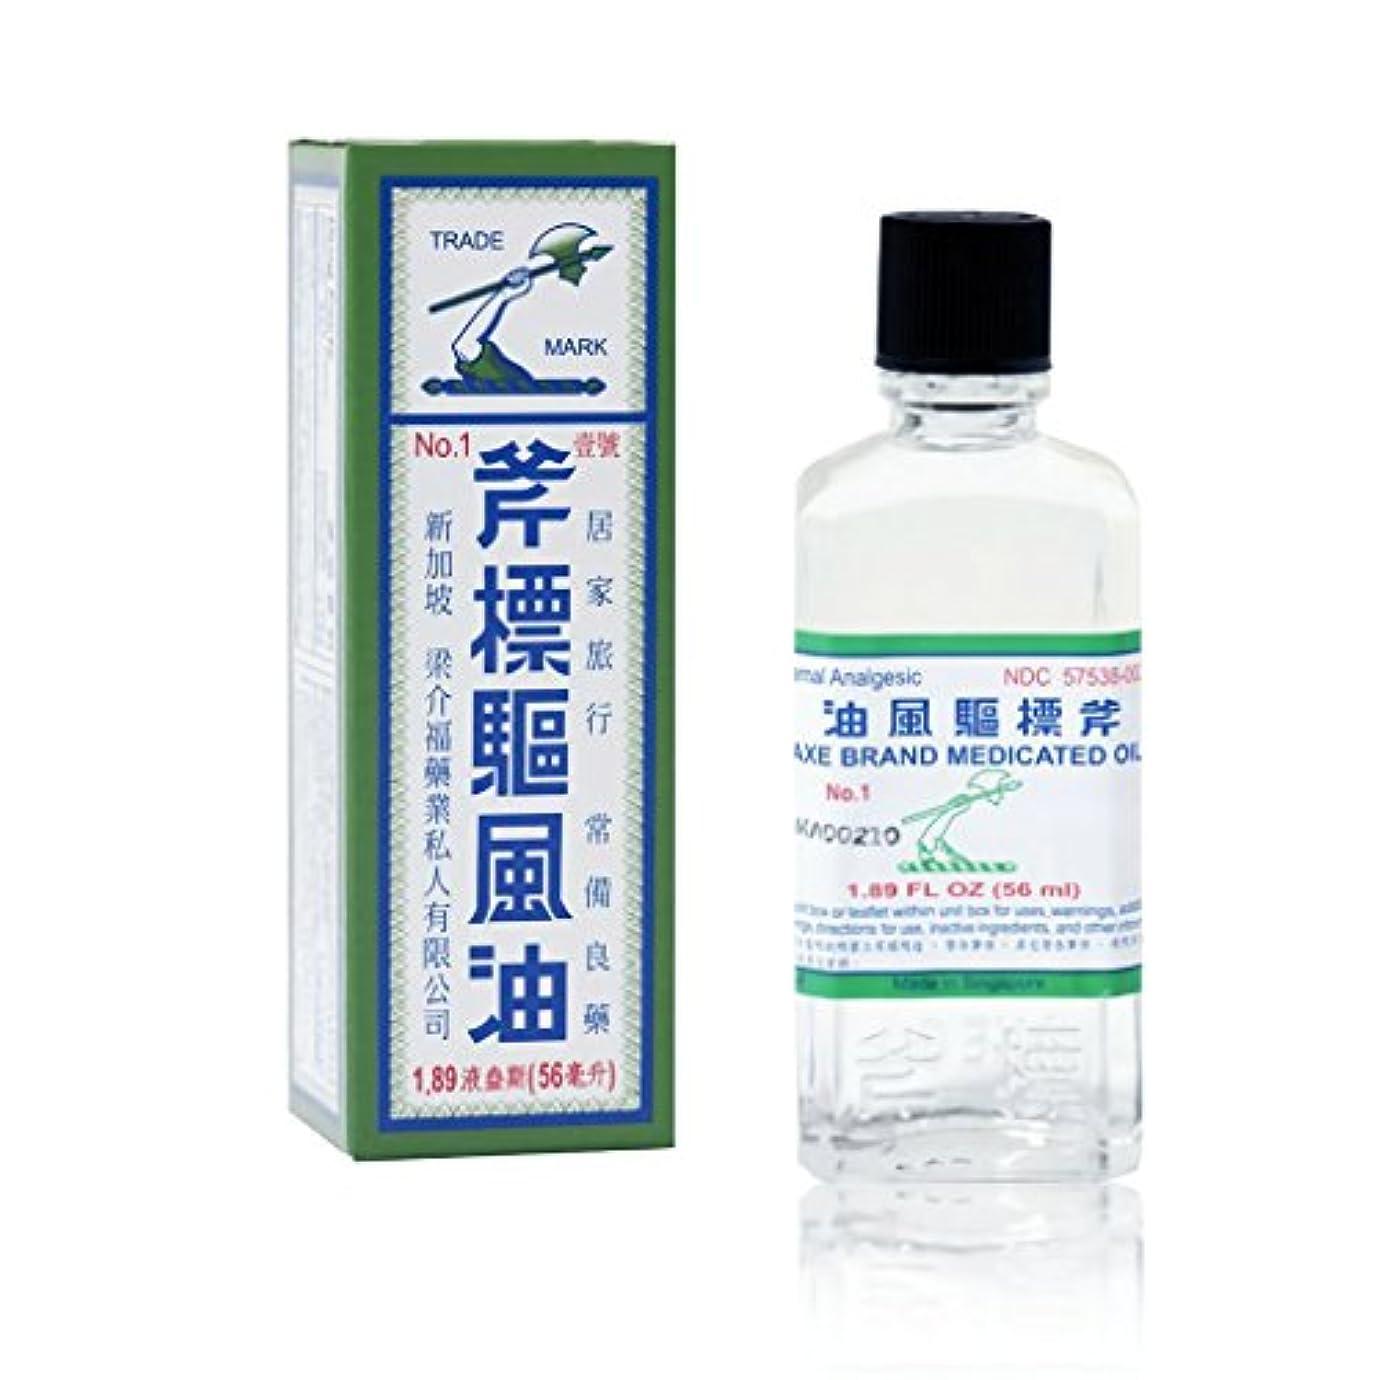 確保する排泄物織る香港 大人気 ベストセラー Axe Brand 斧標駆風油 56ml [並行輸入品]